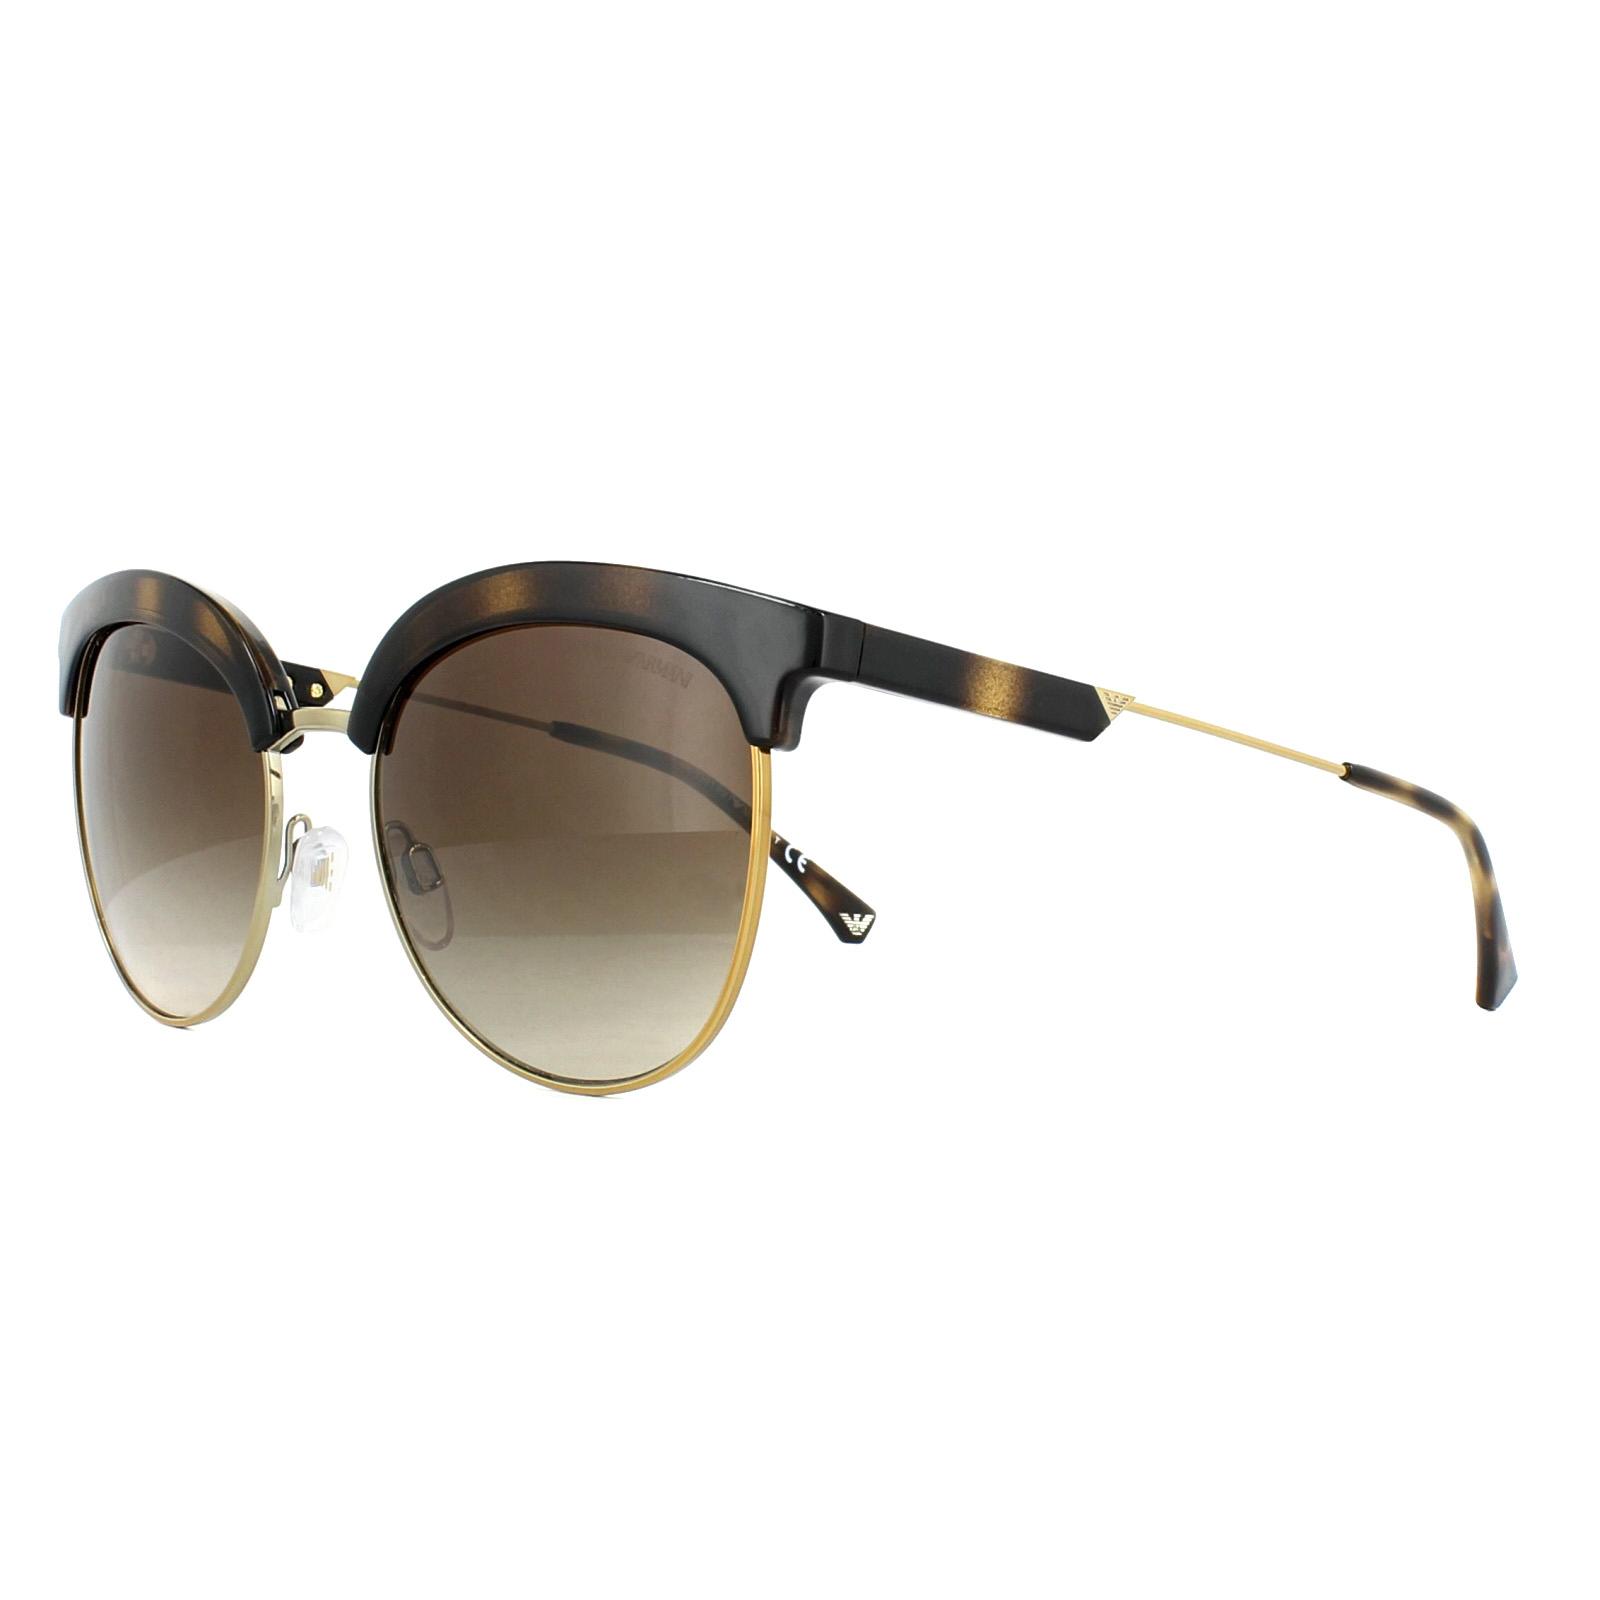 0e300011dc5 Sentinel Emporio Armani Sunglasses 4102 502613 Dark Havana Pale Gold Brown  Gradient